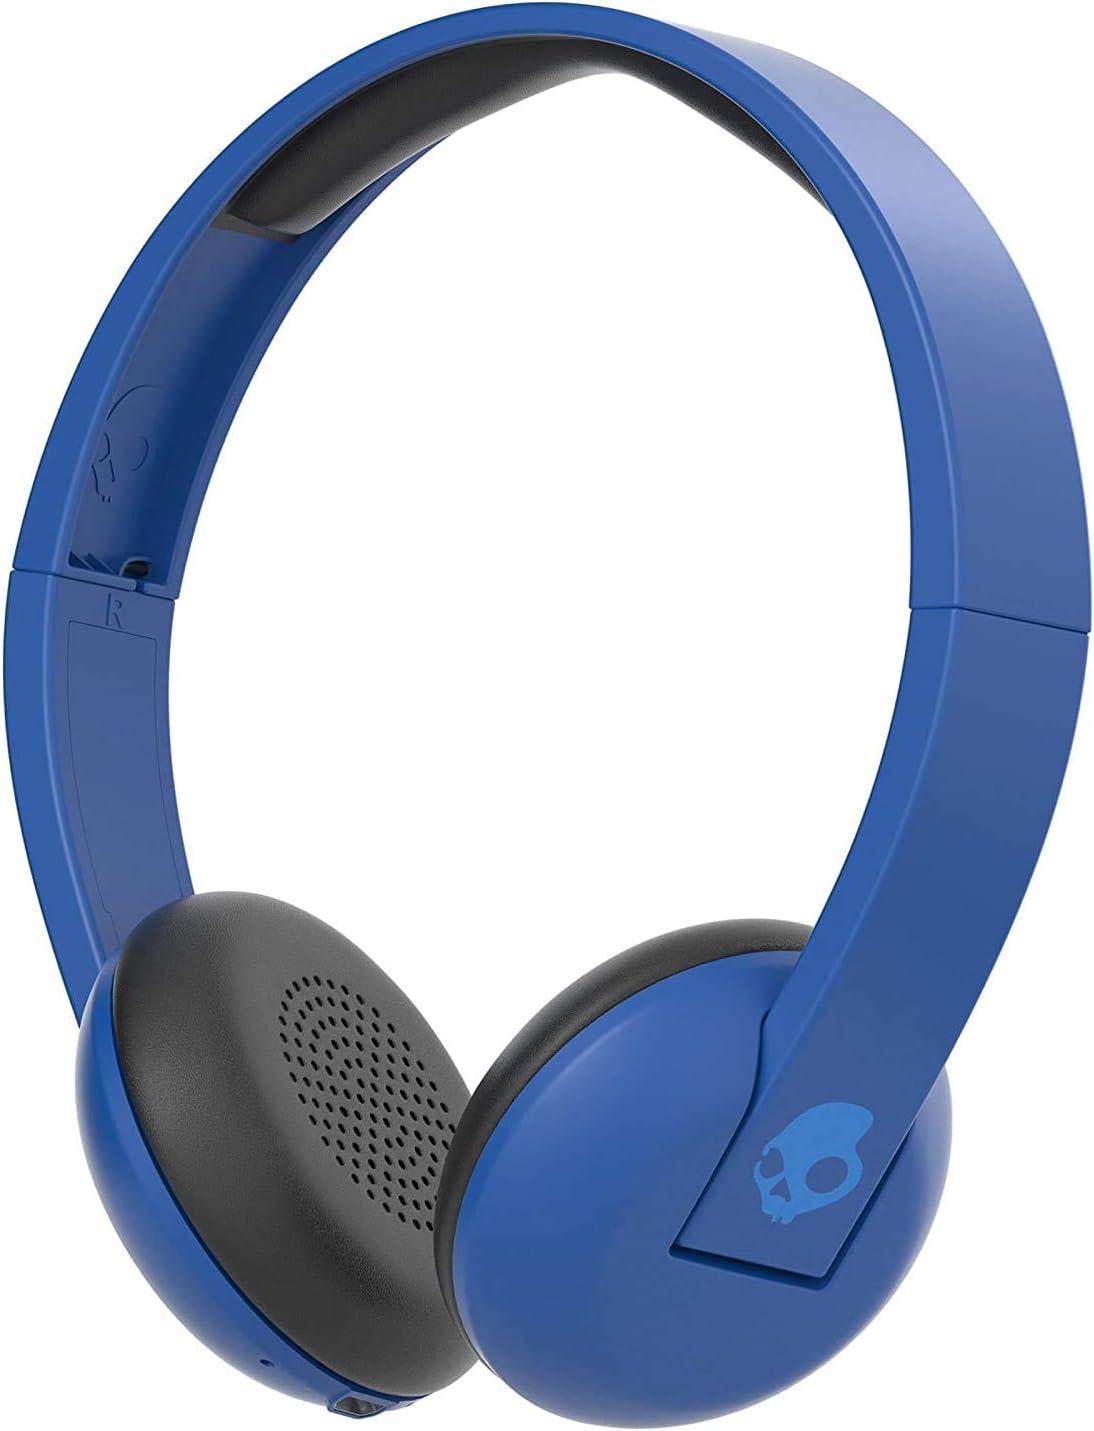 Skullcandy Uproar Wireless On-Ear Headphone - Royal Blue